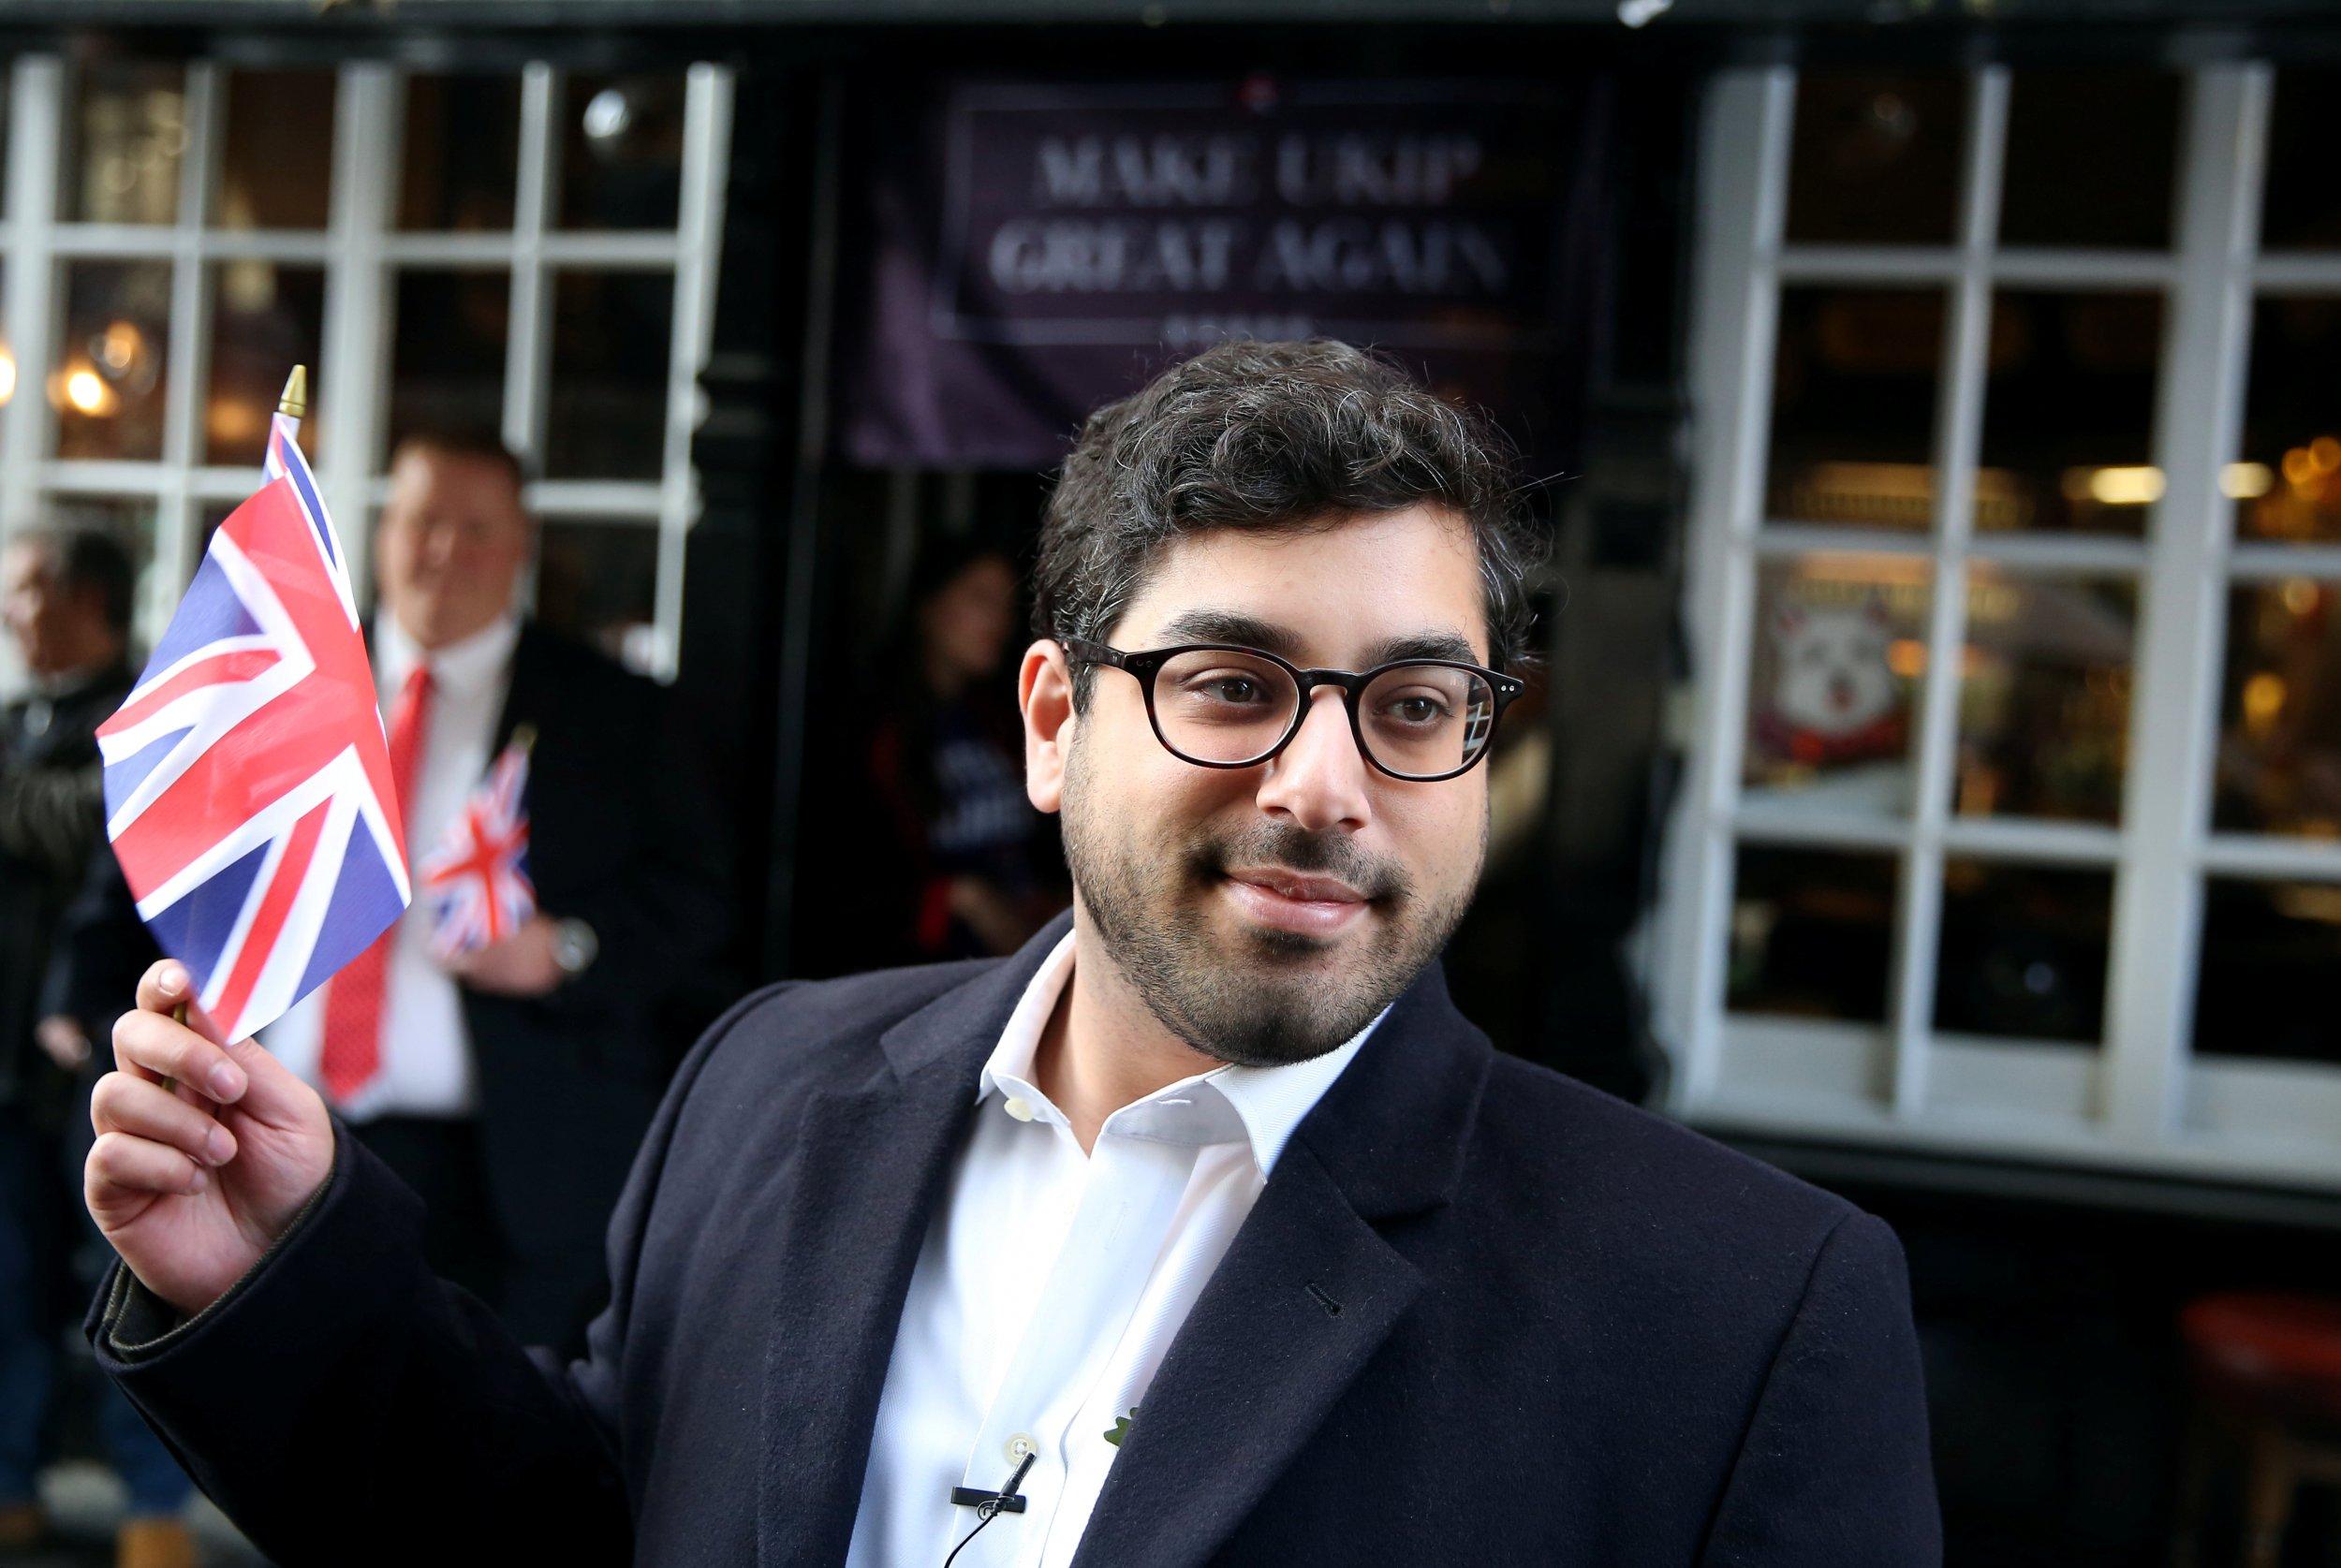 Raheem Kassam UKIP